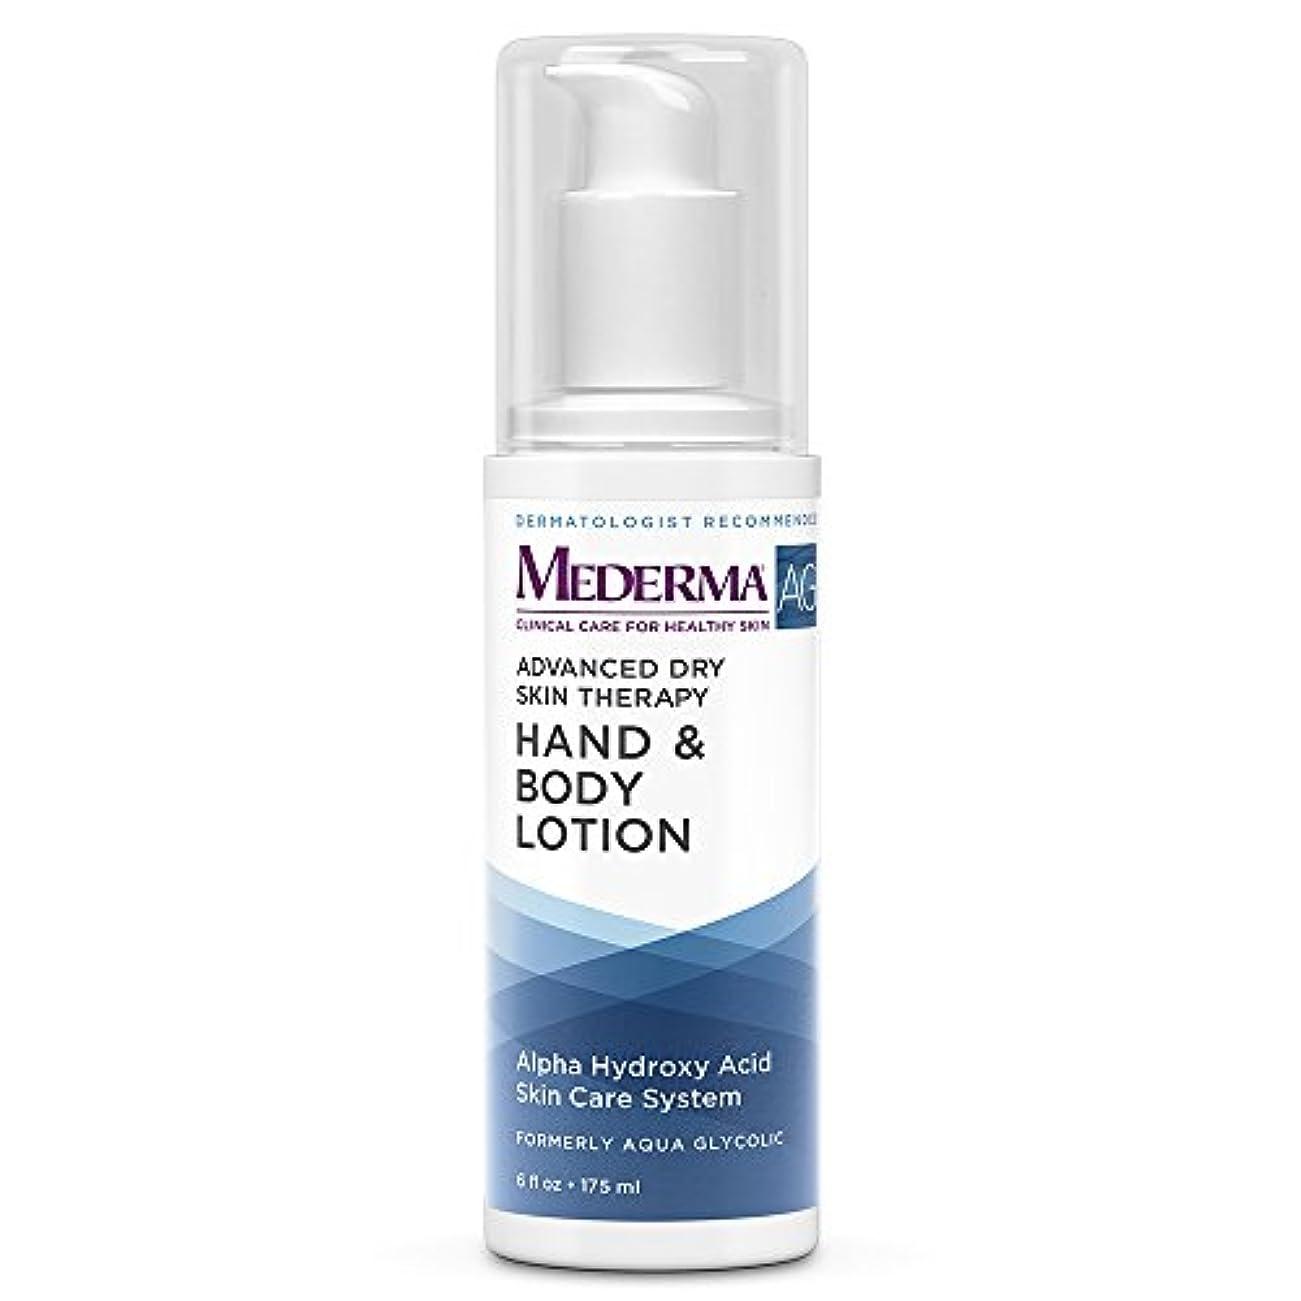 ダイアクリティカル上流のましいMederma AG モイスチャライジングハンド&ボディローション - グリコール酸で水分を維持し、ゆっくりと乾燥を削除するには、Sunが損傷した皮膚細胞 - 皮膚科医推奨ブランド - 無香料 - 6オンス